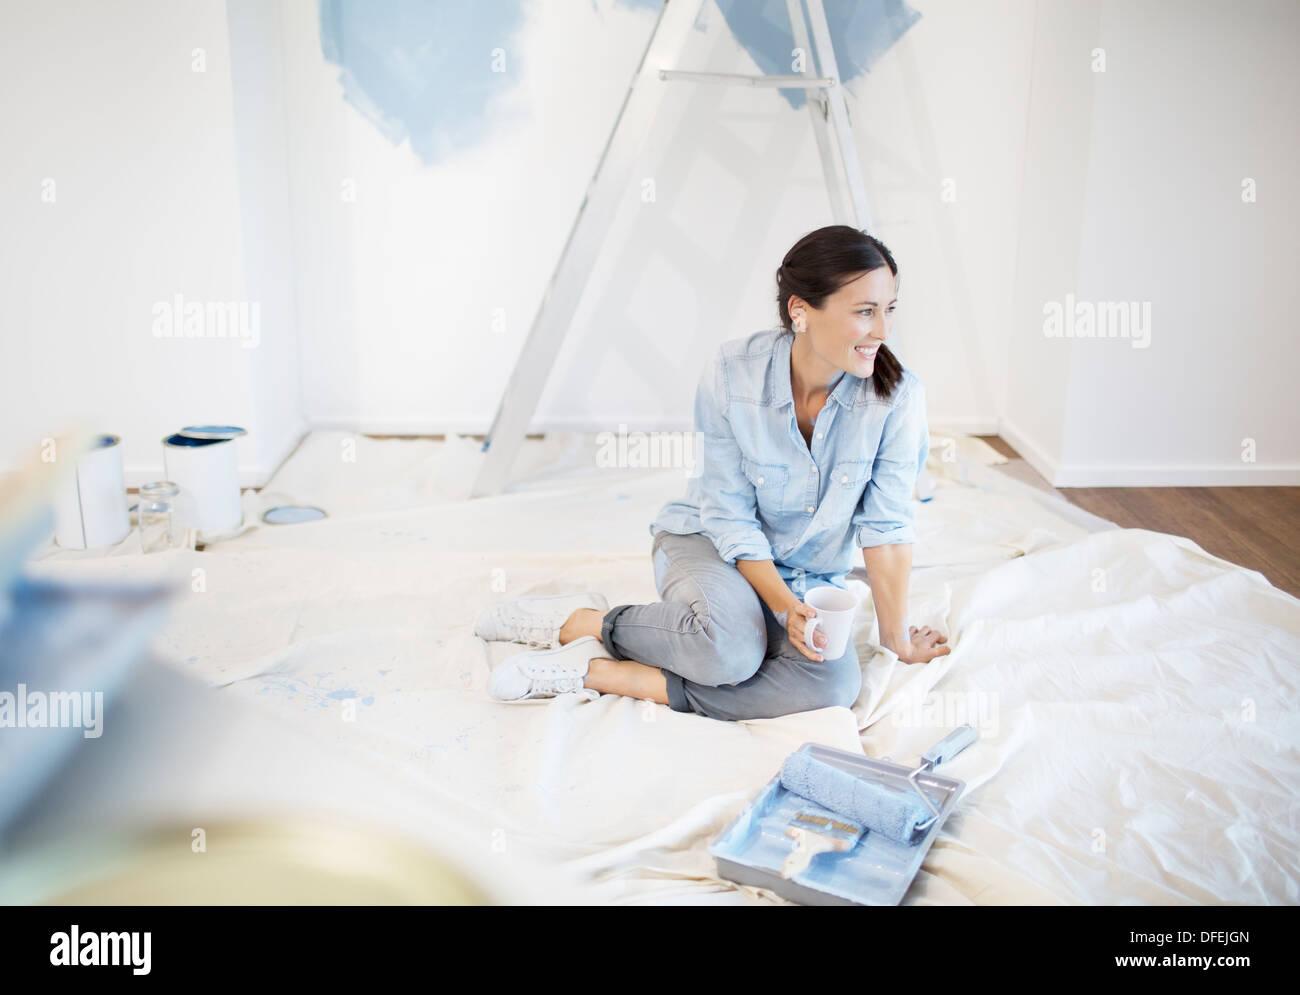 Frau trinkt Kaffee umgeben von Malerei liefert Stockbild